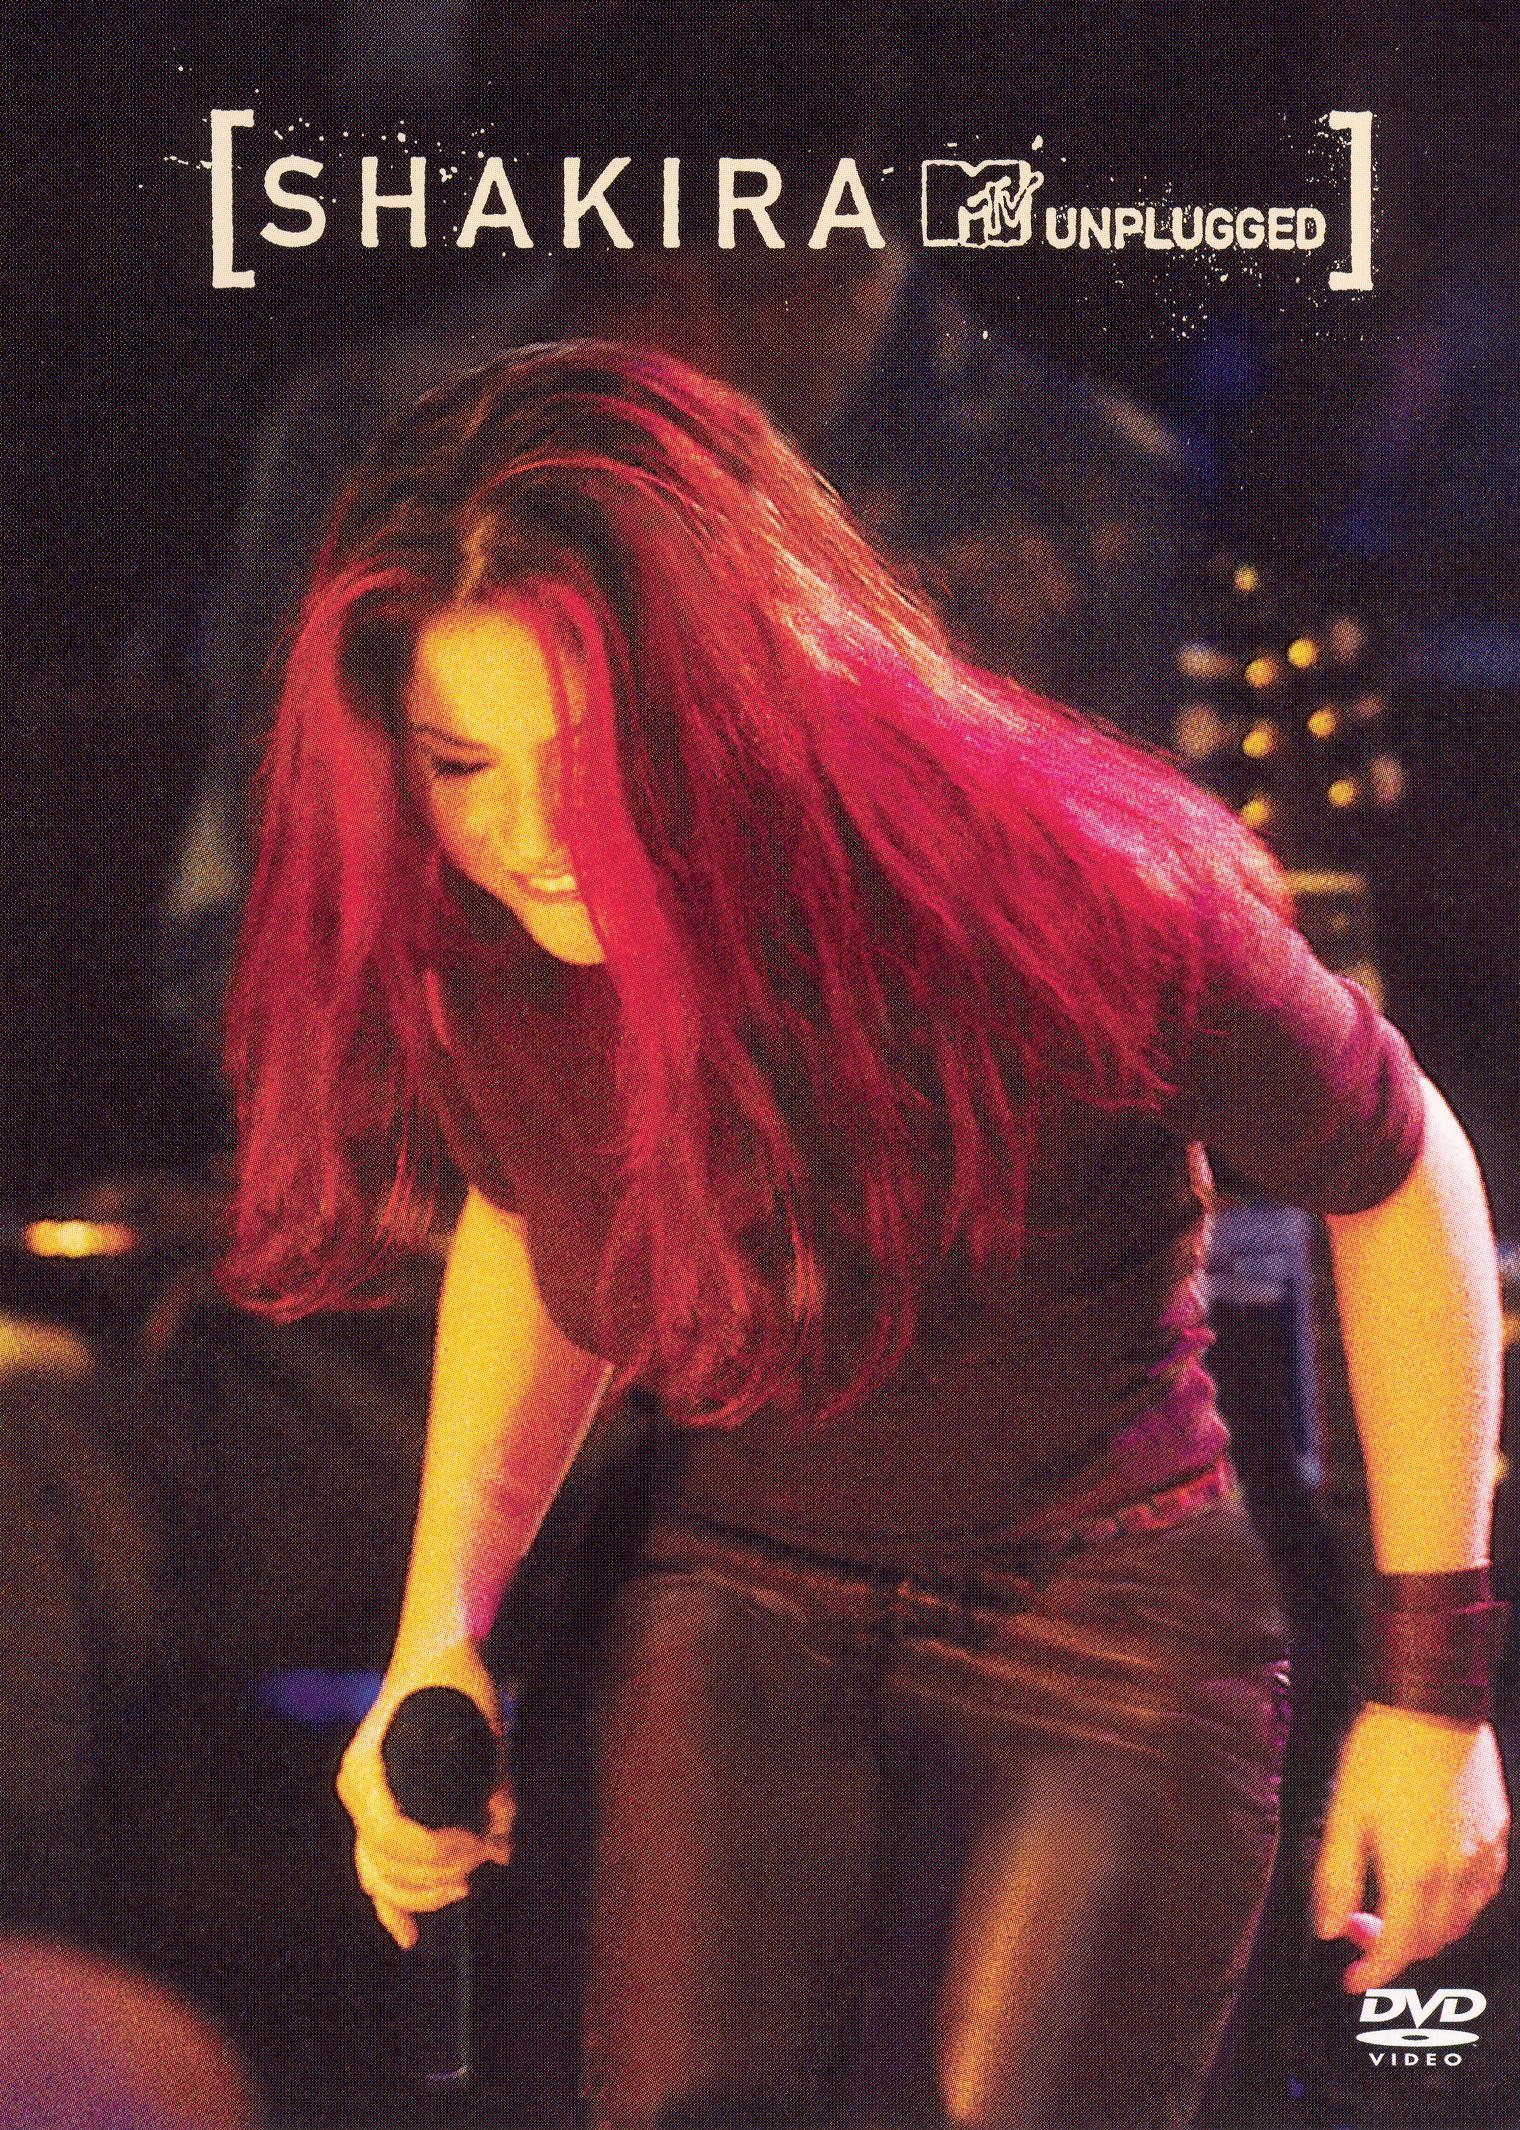 MTV Unplugged: Shakira